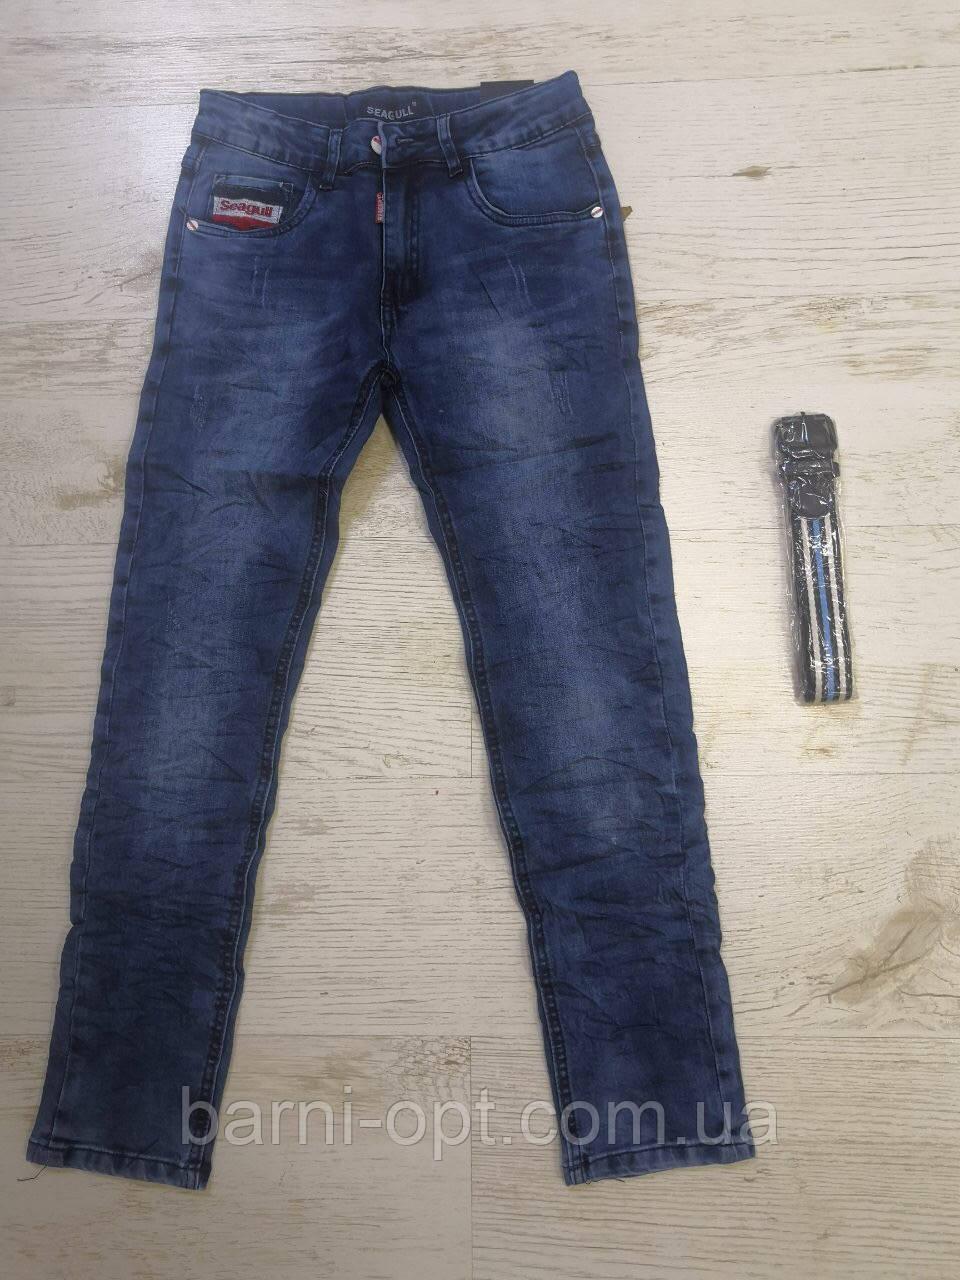 Джинсовые брюки для мальчиков Seagull , в остатке 140 рост